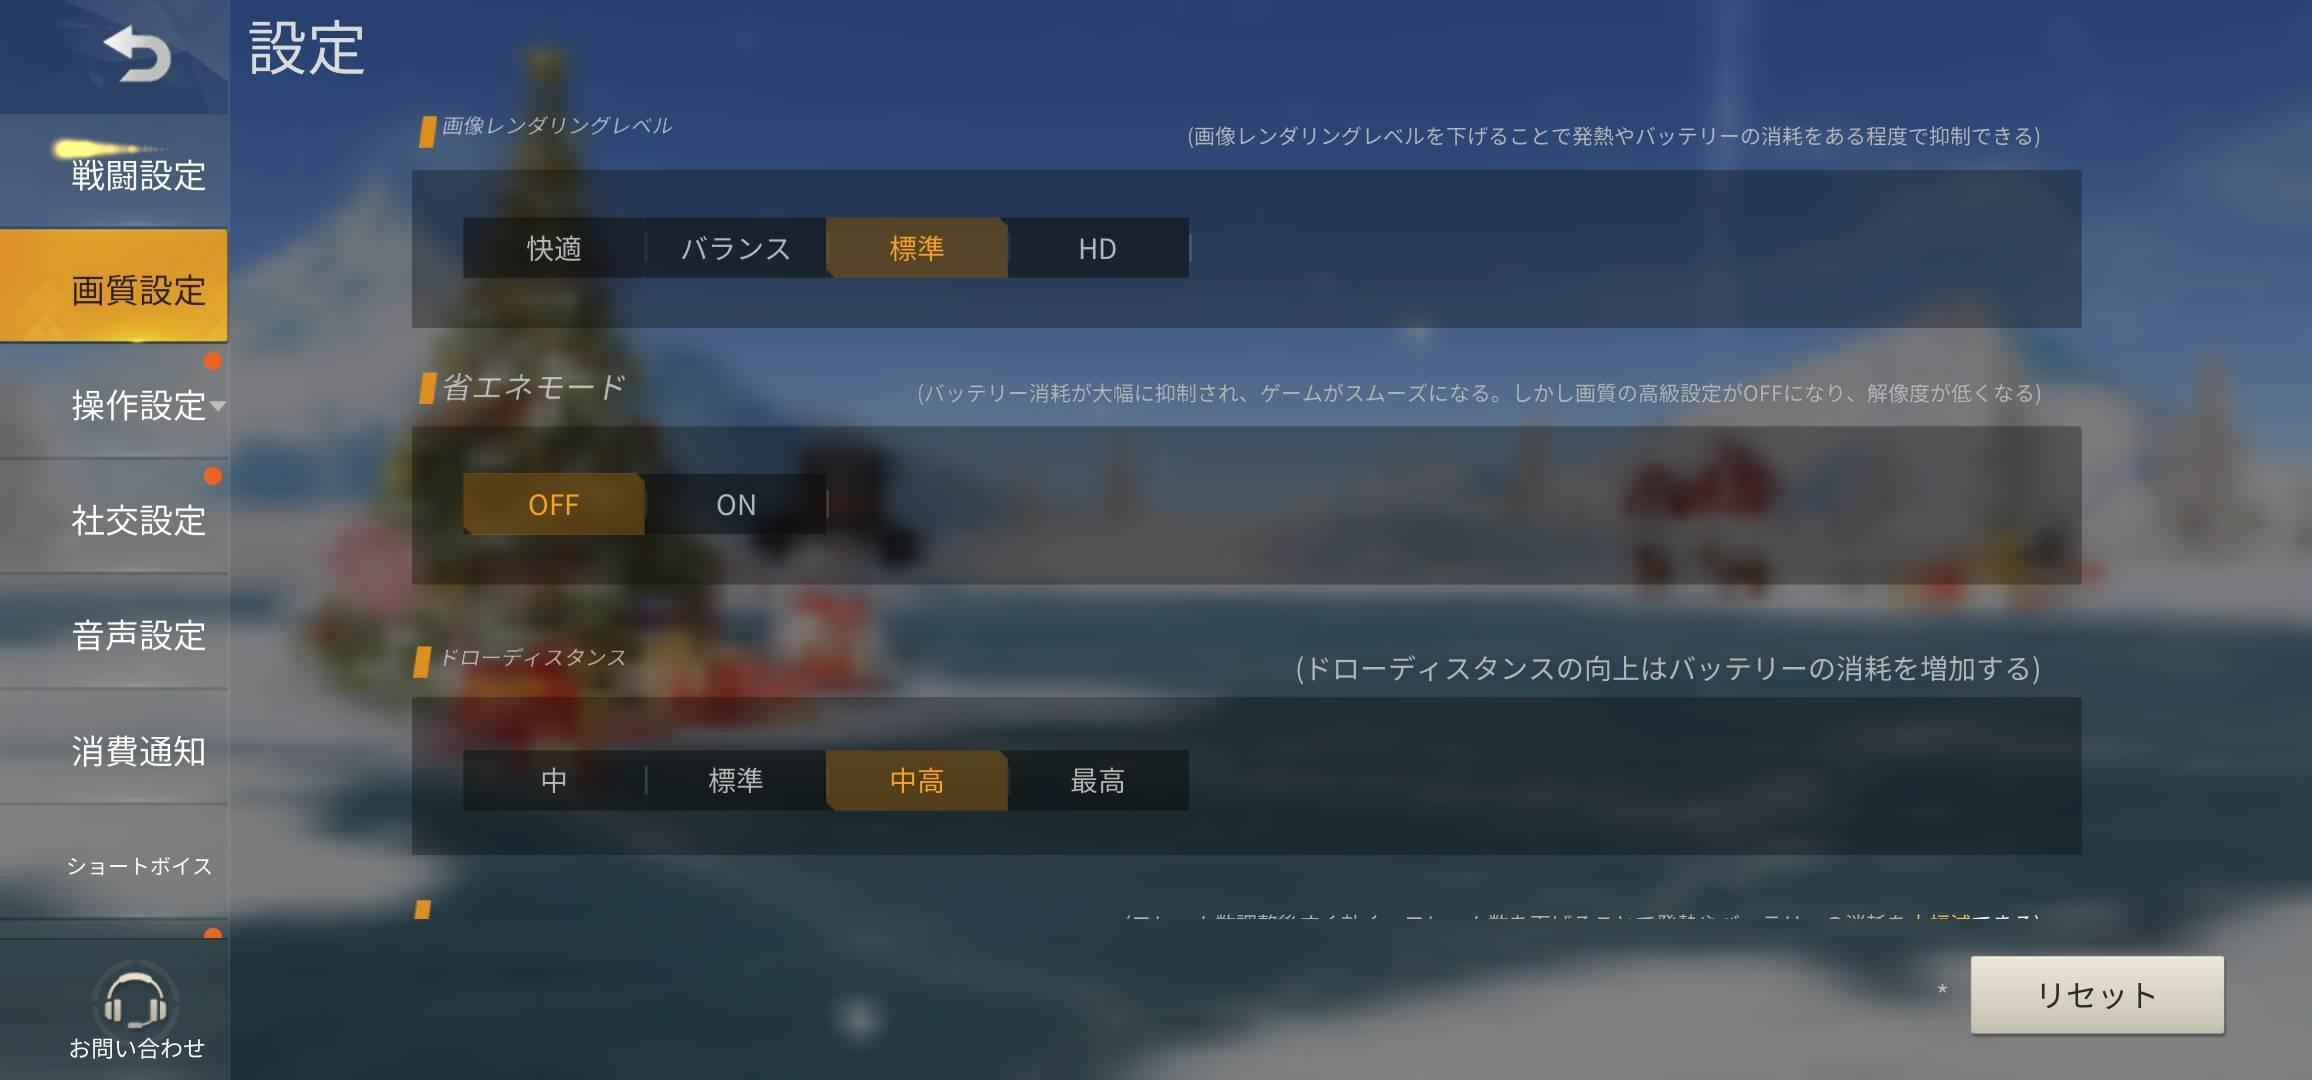 f:id:Azusa_Hirano:20200923041000j:plain